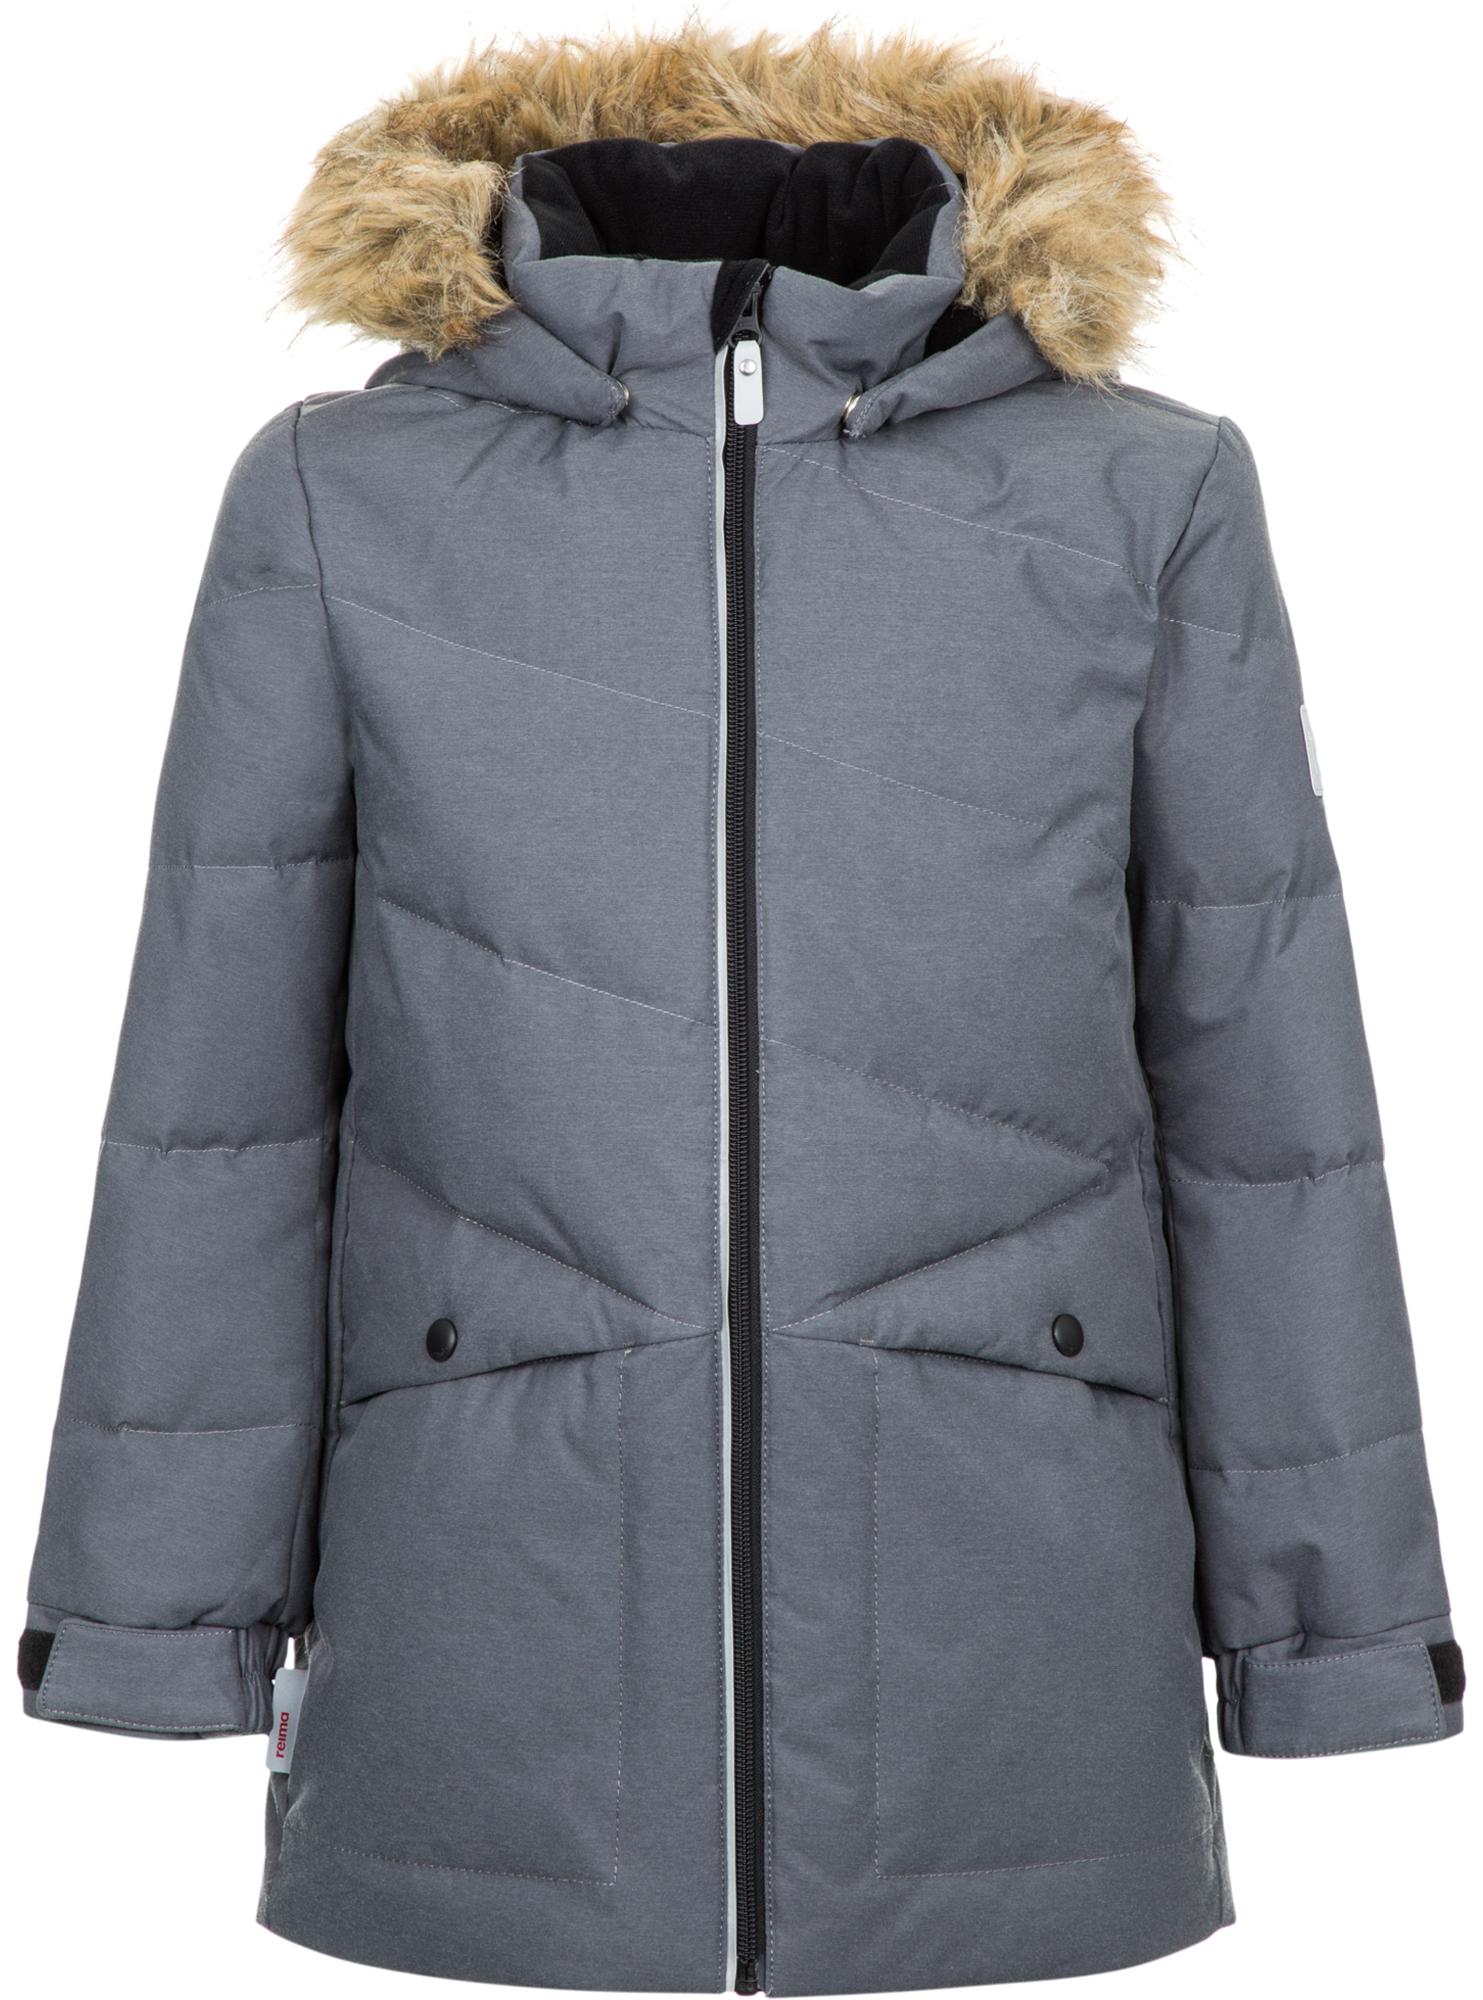 Reima Куртка пуховая для мальчиков Reima Jussi, размер 146 цена